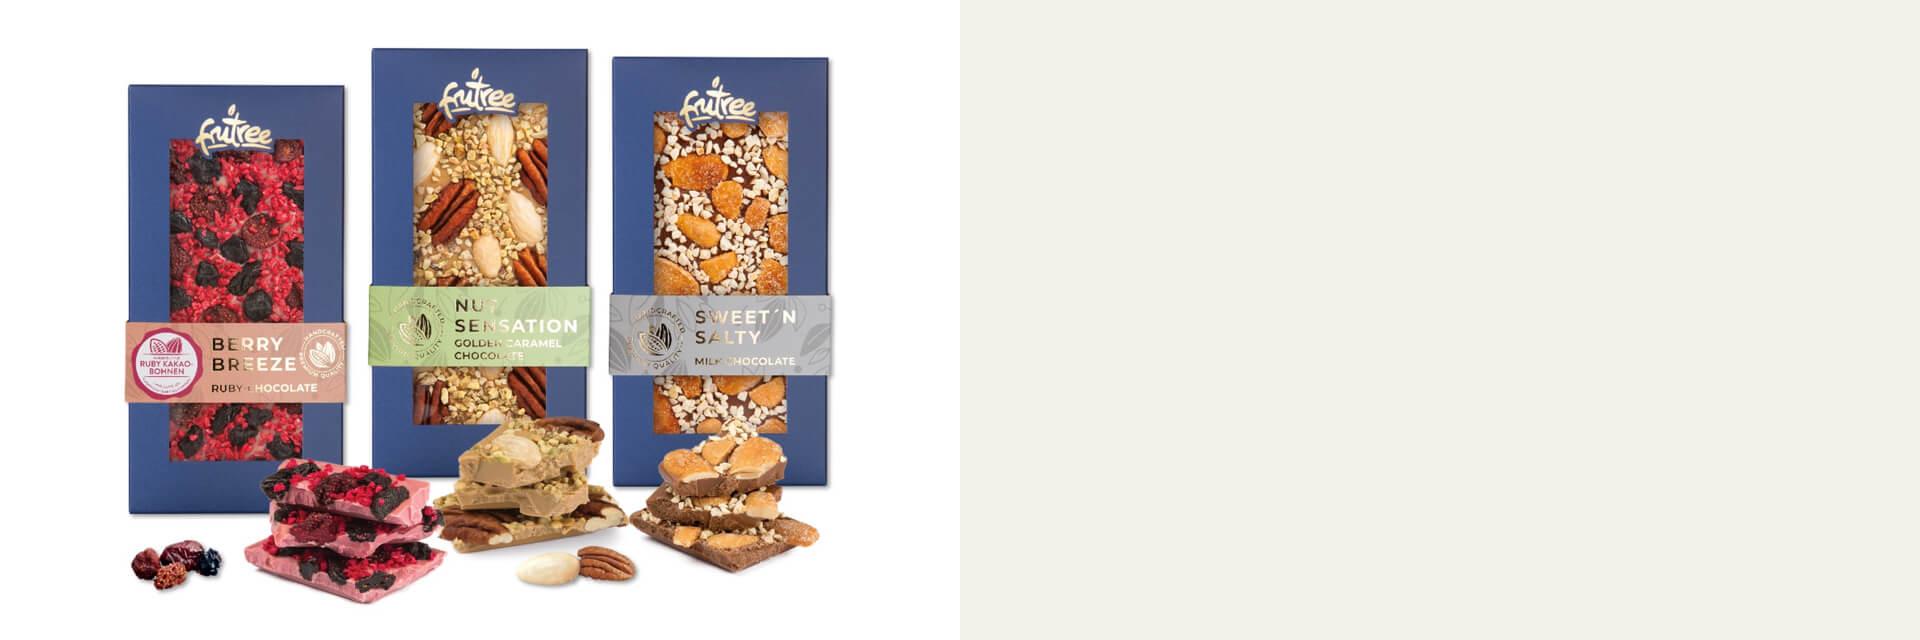 Exquisite Schokoladentafeln und Arrangements aus schokolierten und gefüllten Medjoul-Datteln verziert mit erlesenen Trockenfrüchten, Nüssen und ausgewählten Toppings.